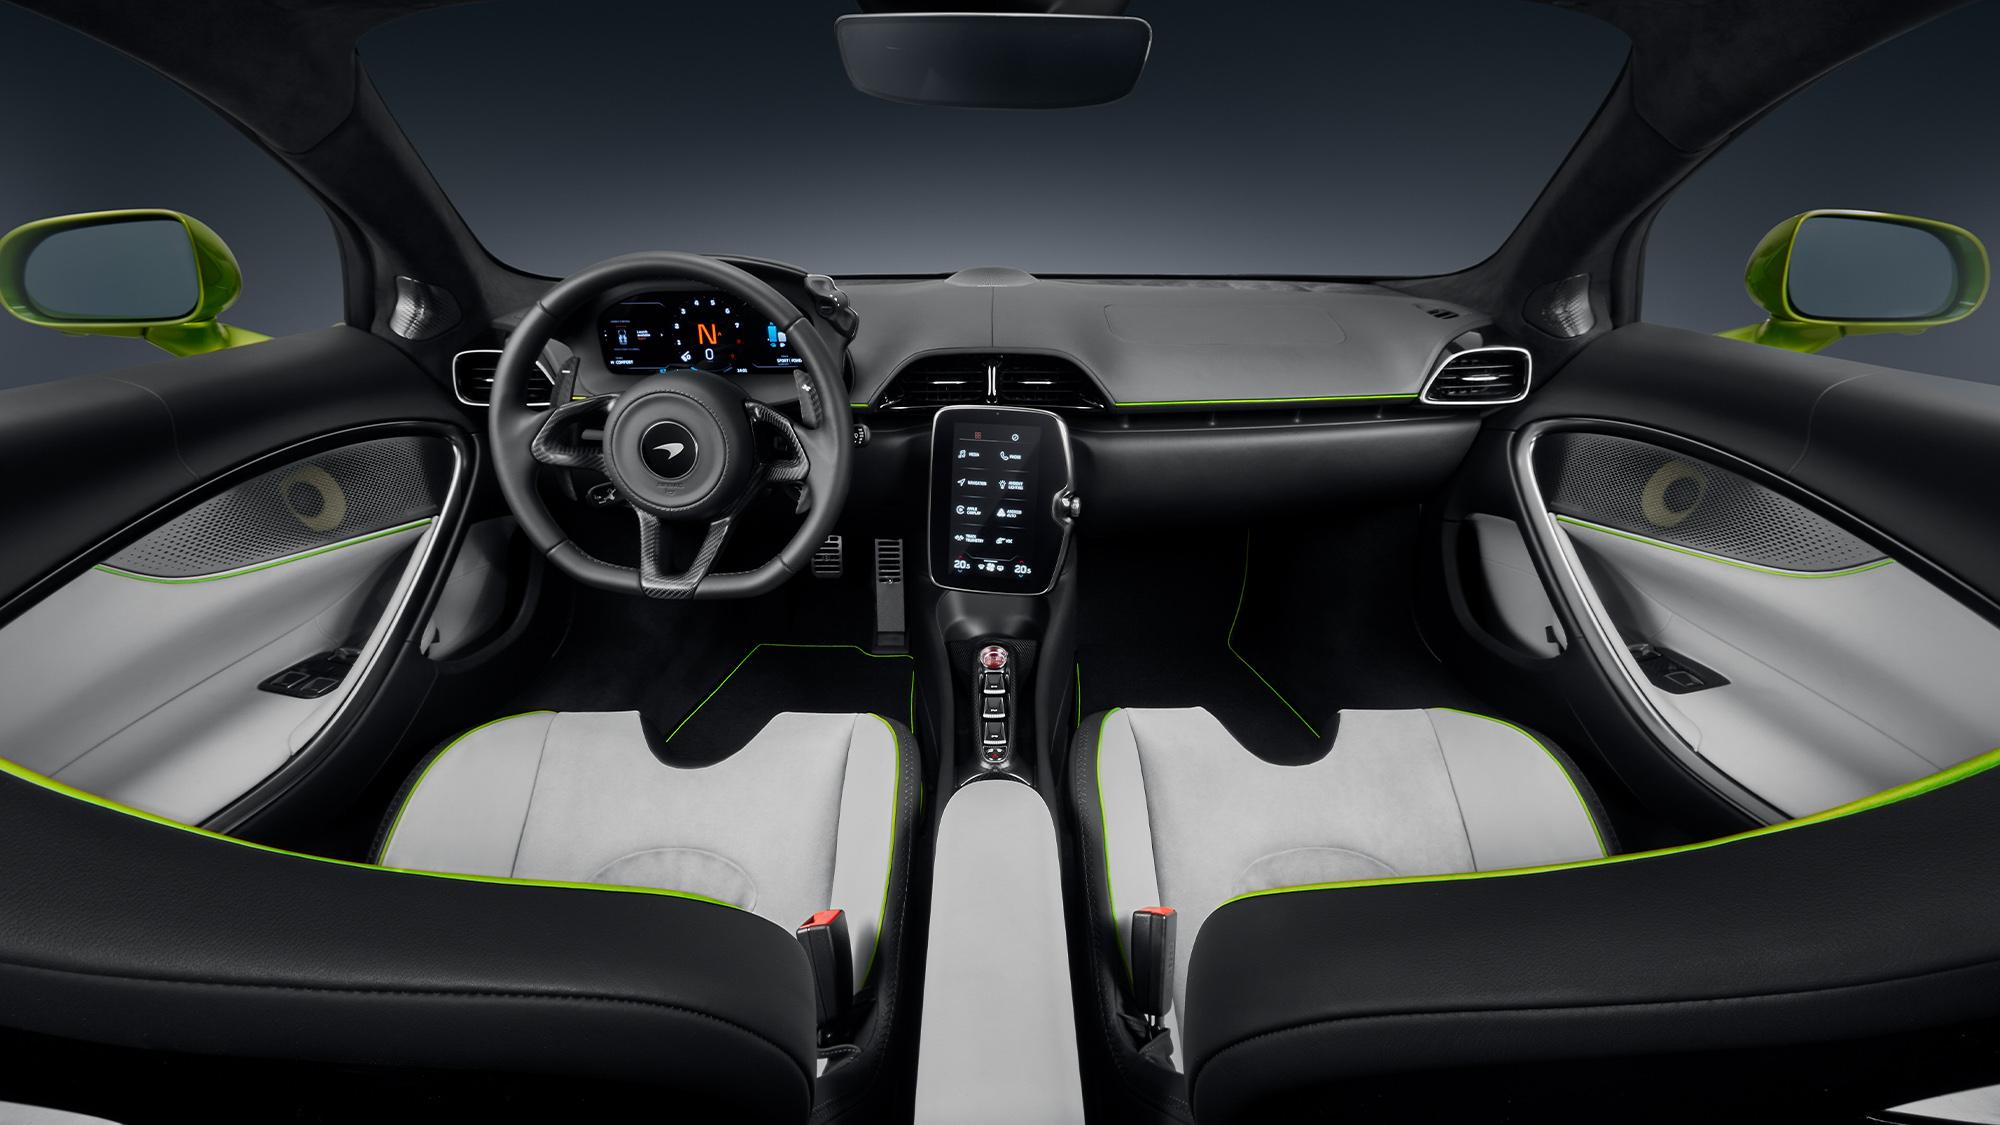 2021 McLaren Artura interior 2